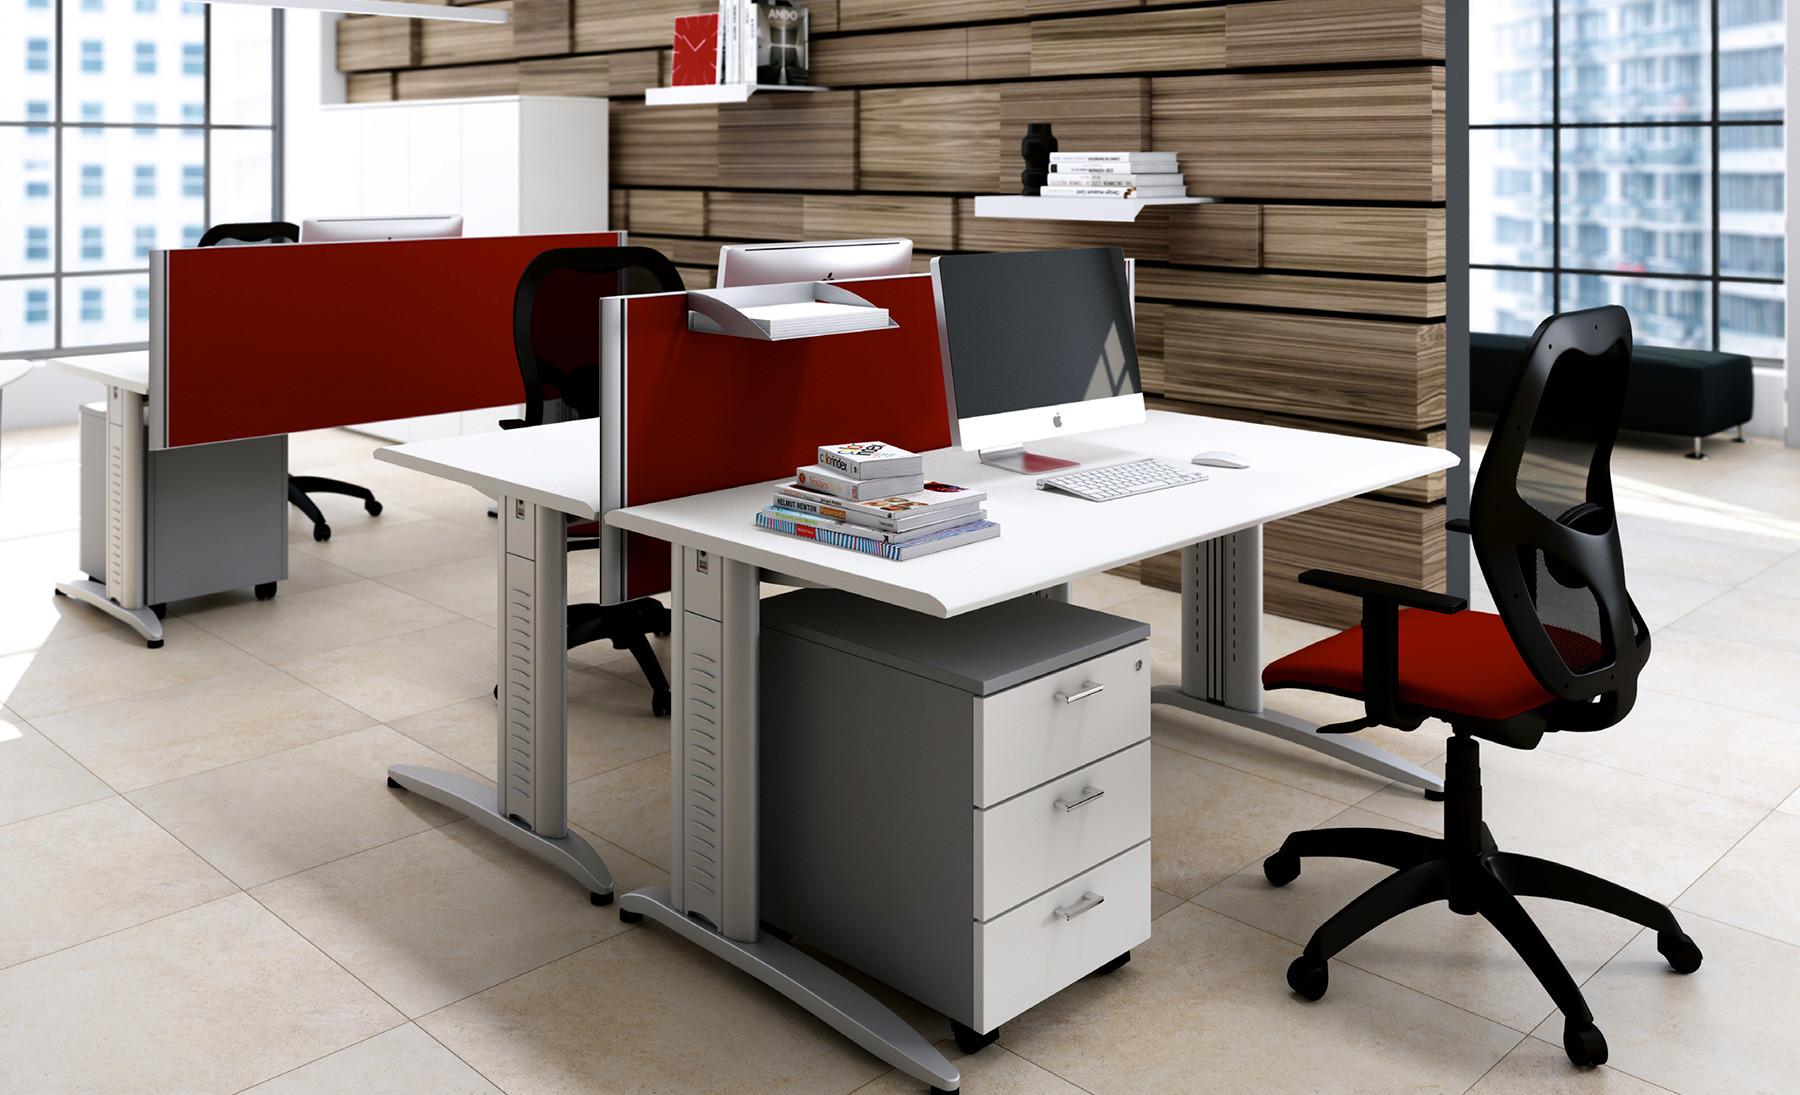 Scrivania Ufficio Sagomata : Format scrivania operativa sagomata contact ufficio roma